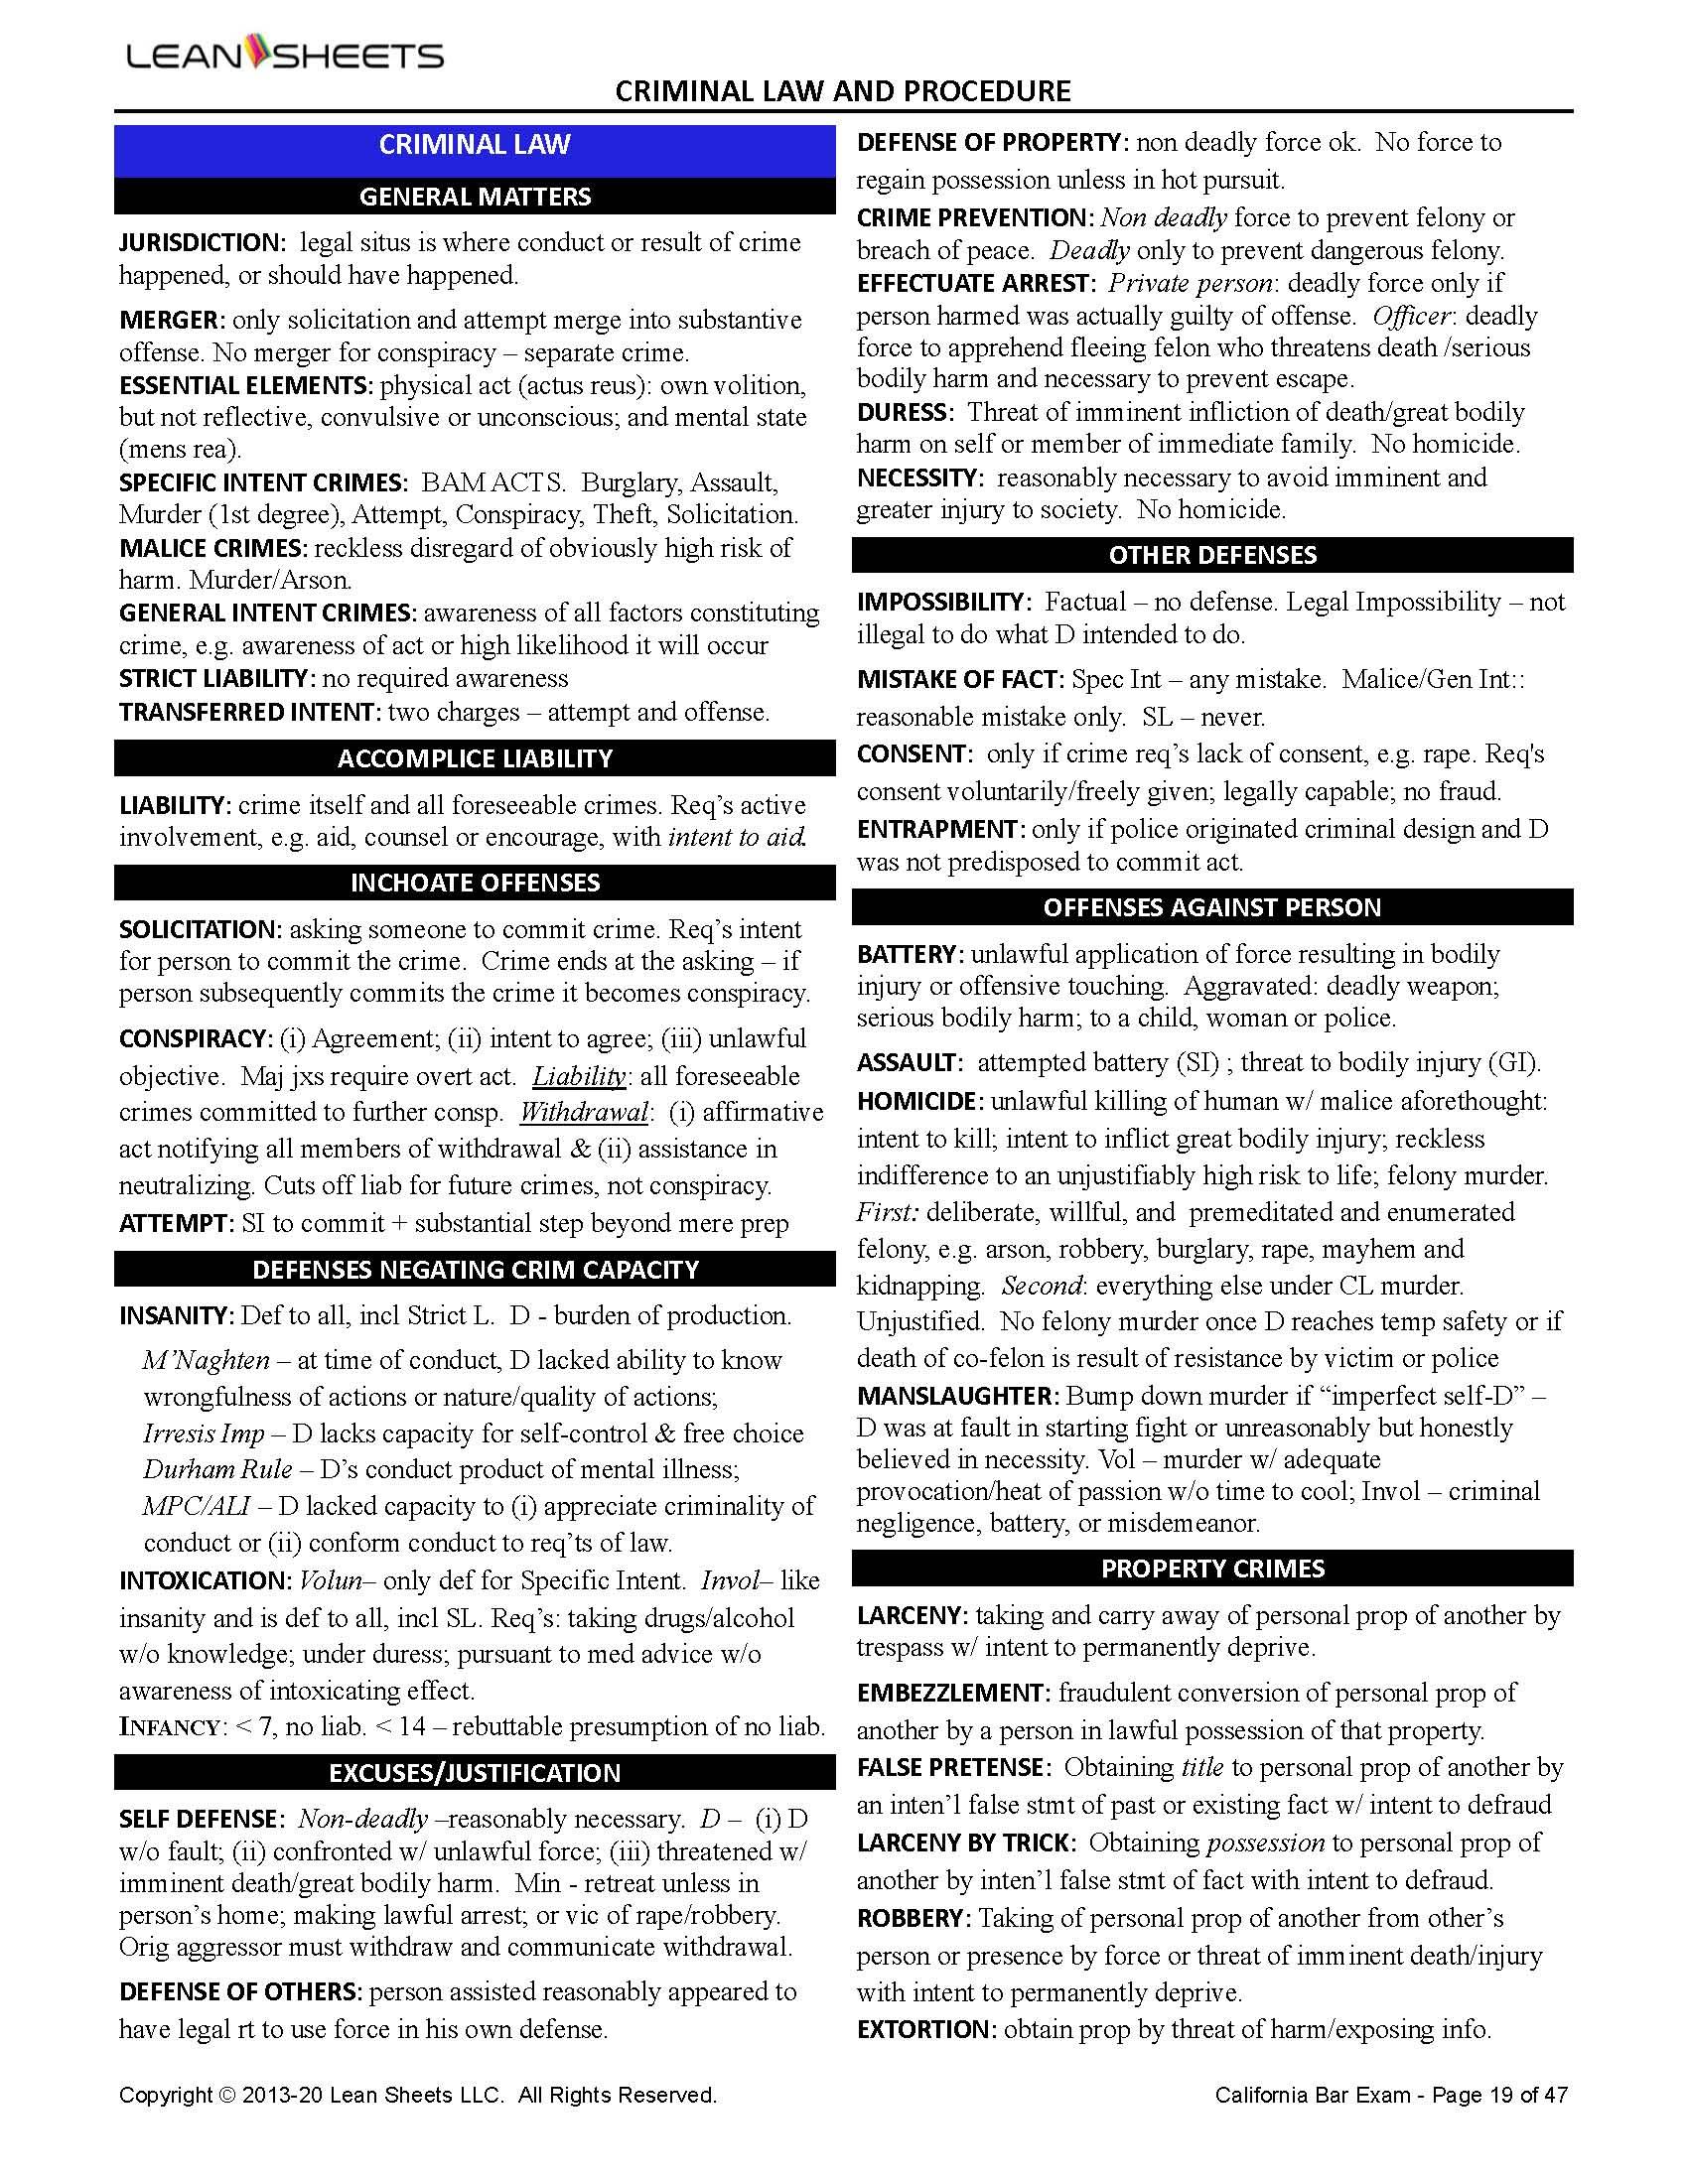 CA Criminal Law Outline